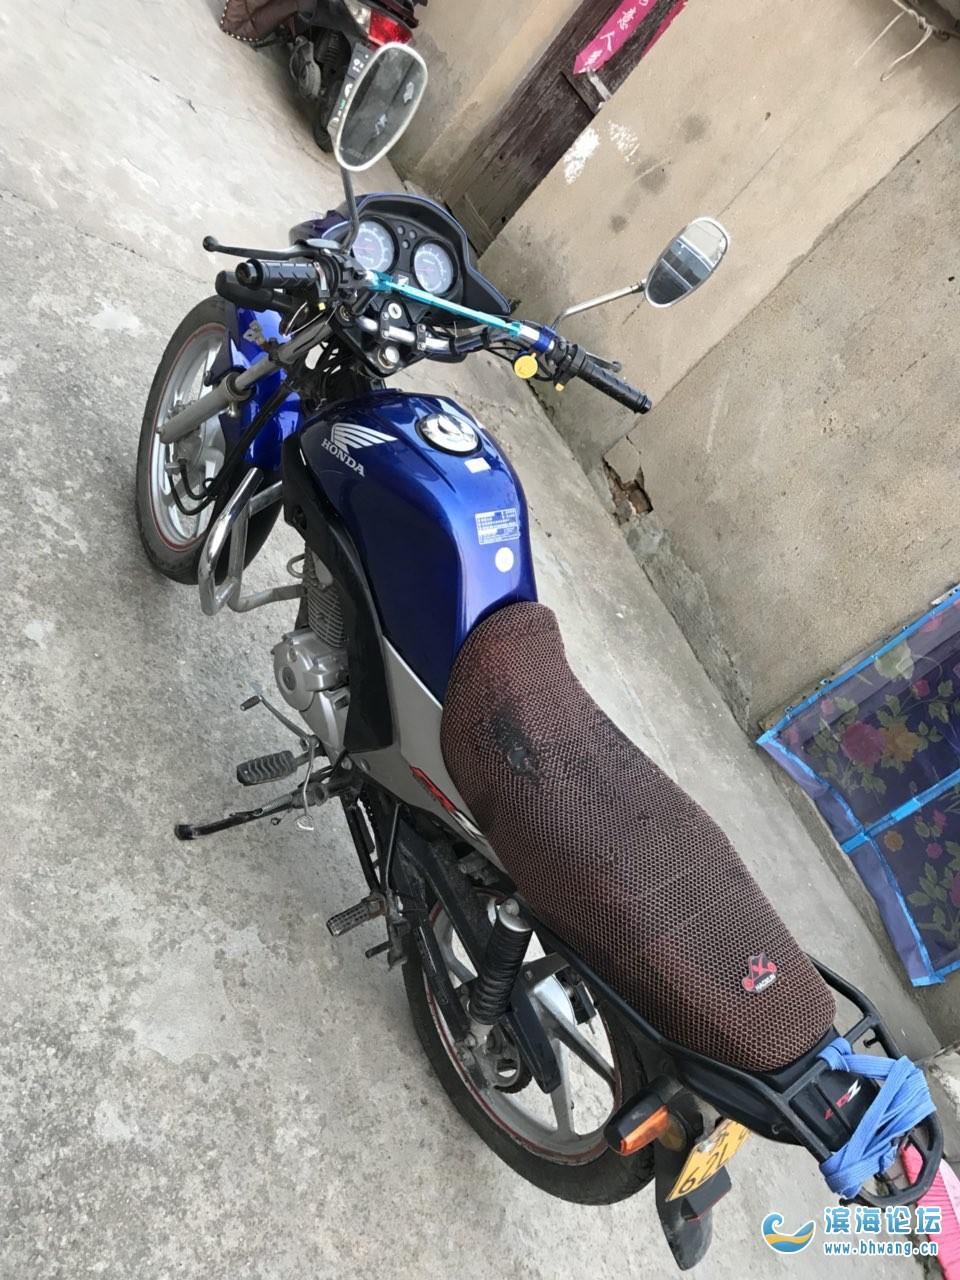 五羊本田125-12摩托车出售